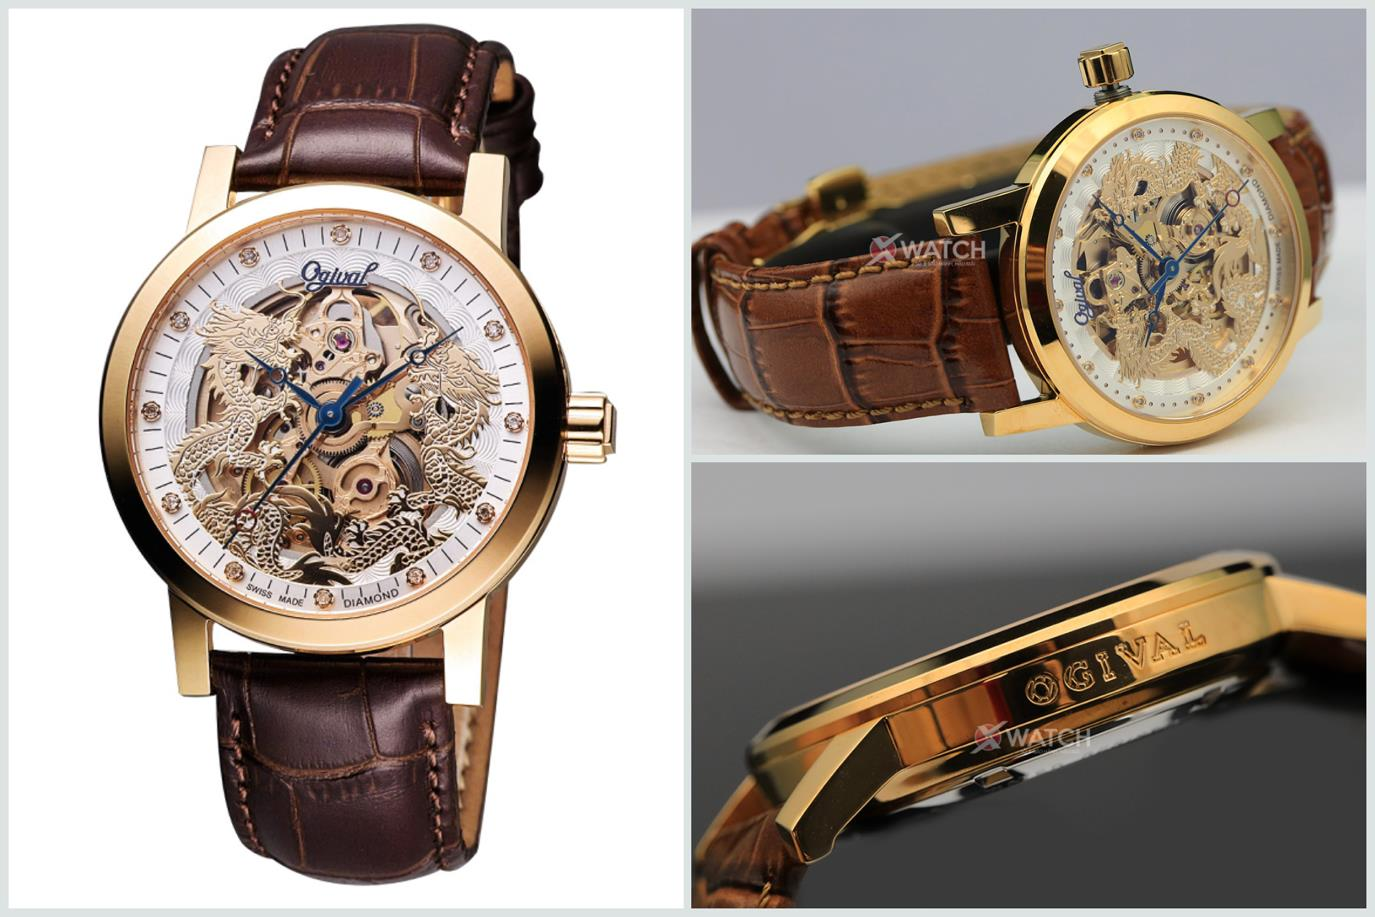 5 mẫu đồng hồ nam chính hãng được săn lùng nhiều nhất tại Xwatch - Ảnh 5.